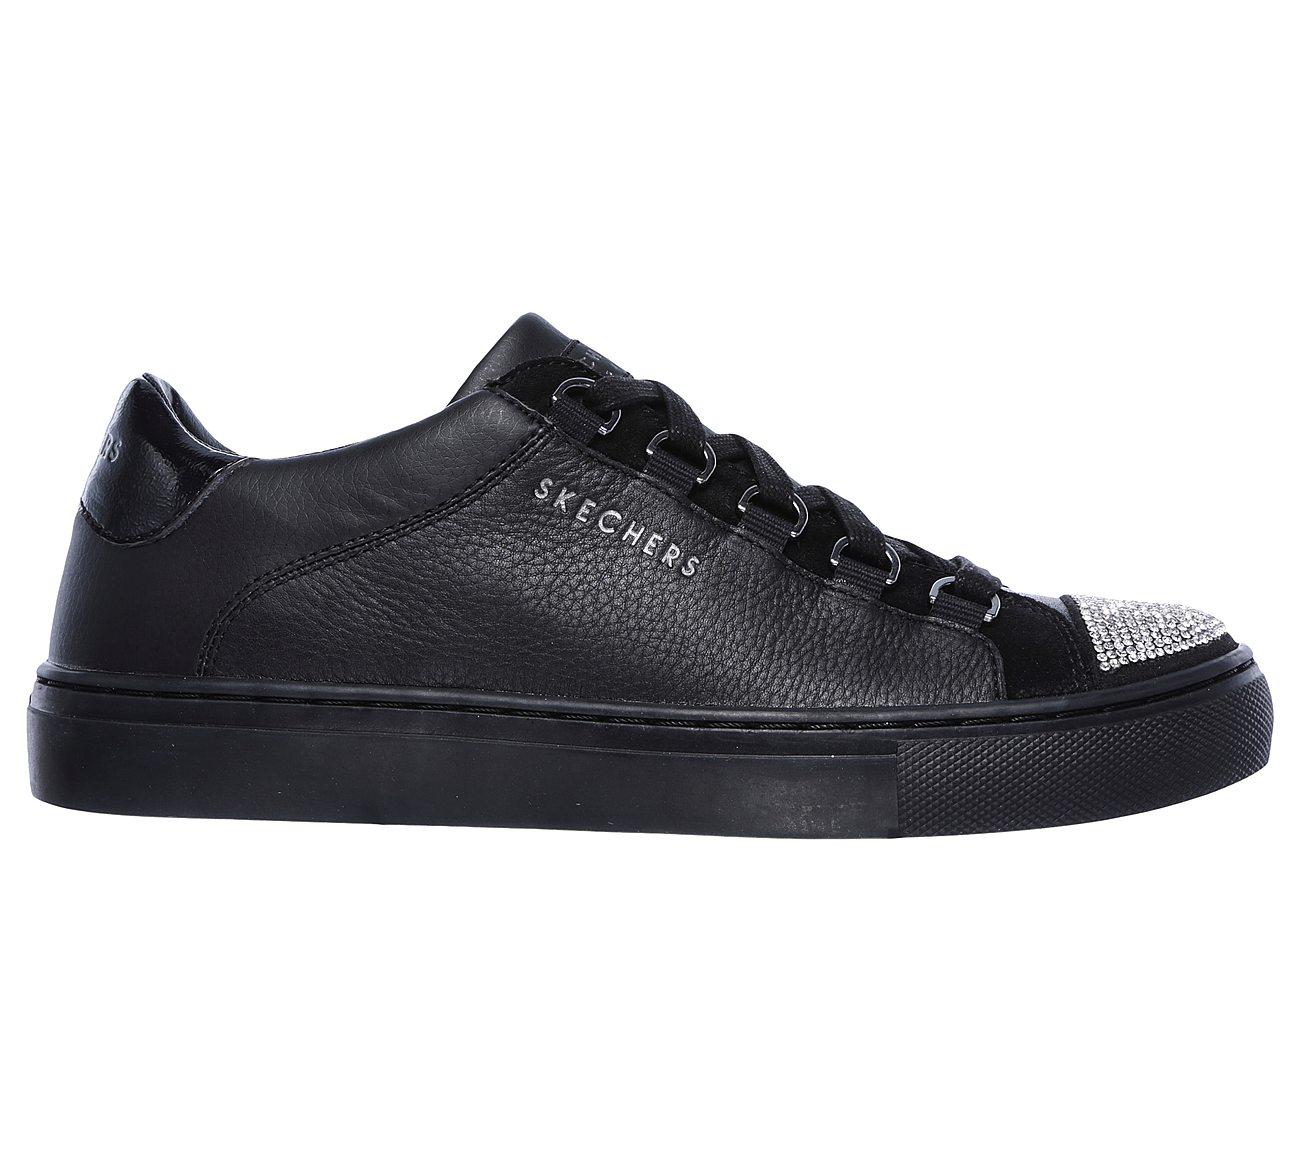 b0f76d9e447c Buy SKECHERS Side Street - Bling Street SKECHER Street Shoes only  70.00